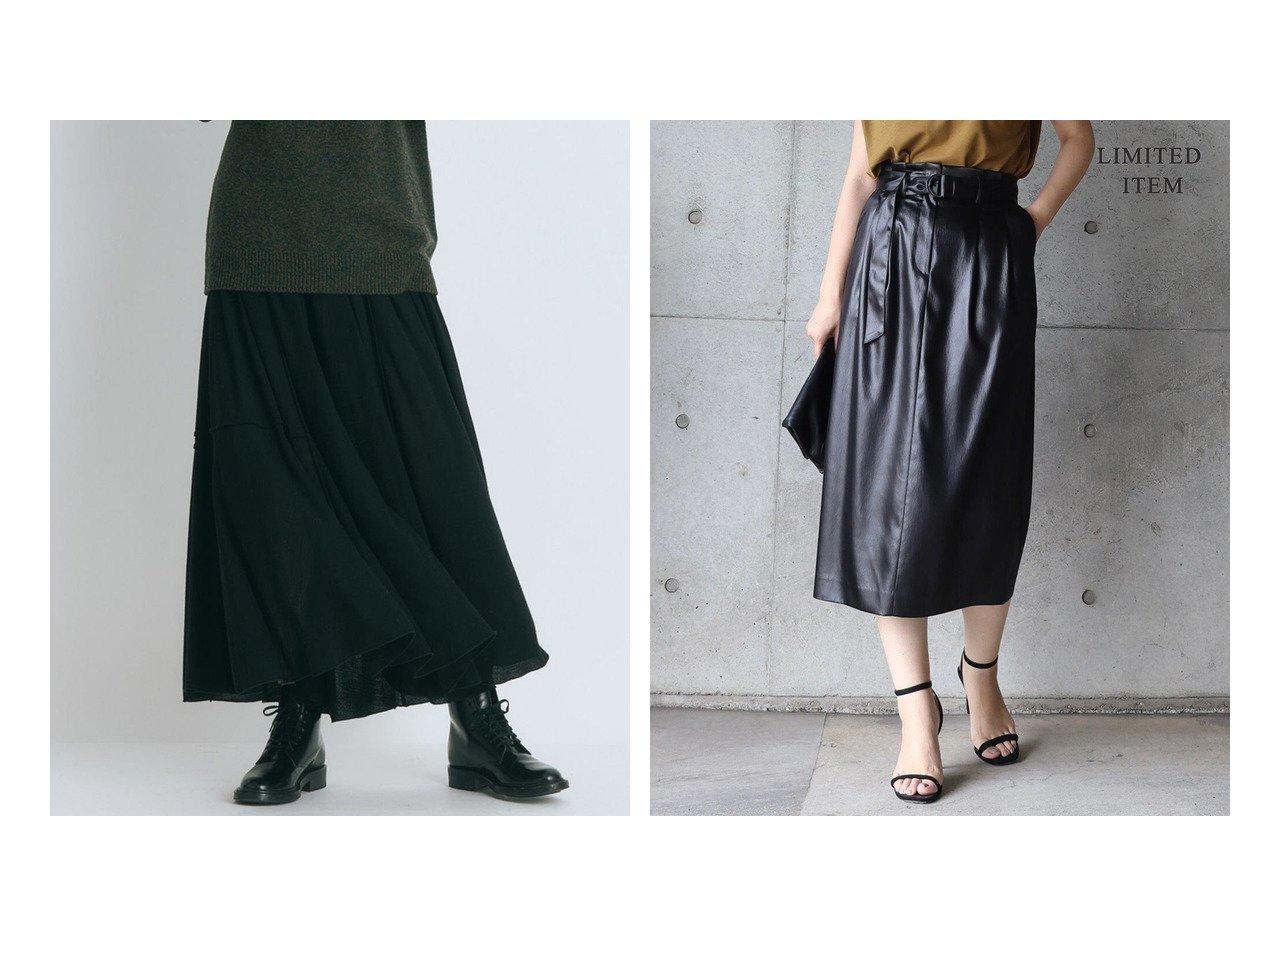 【ATON/エイトン】のCLOUD WOOL CREPE ギャザースカート&【iCB/アイシービー】の【WEB限定】Gloss Satin タックスカート 【スカート】おすすめ!人気、トレンド・レディースファッションの通販   おすすめで人気の流行・トレンド、ファッションの通販商品 インテリア・家具・メンズファッション・キッズファッション・レディースファッション・服の通販 founy(ファニー) https://founy.com/ ファッション Fashion レディースファッション WOMEN スカート Skirt 送料無料 Free Shipping カシミヤ ギャザー シルク ストレッチ 洗える サテン ストレート ミドル A/W・秋冬 AW・Autumn/Winter・FW・Fall-Winter 2021年 2021 2021-2022秋冬・A/W AW・Autumn/Winter・FW・Fall-Winter・2021-2022 おすすめ Recommend  ID:crp329100000064828